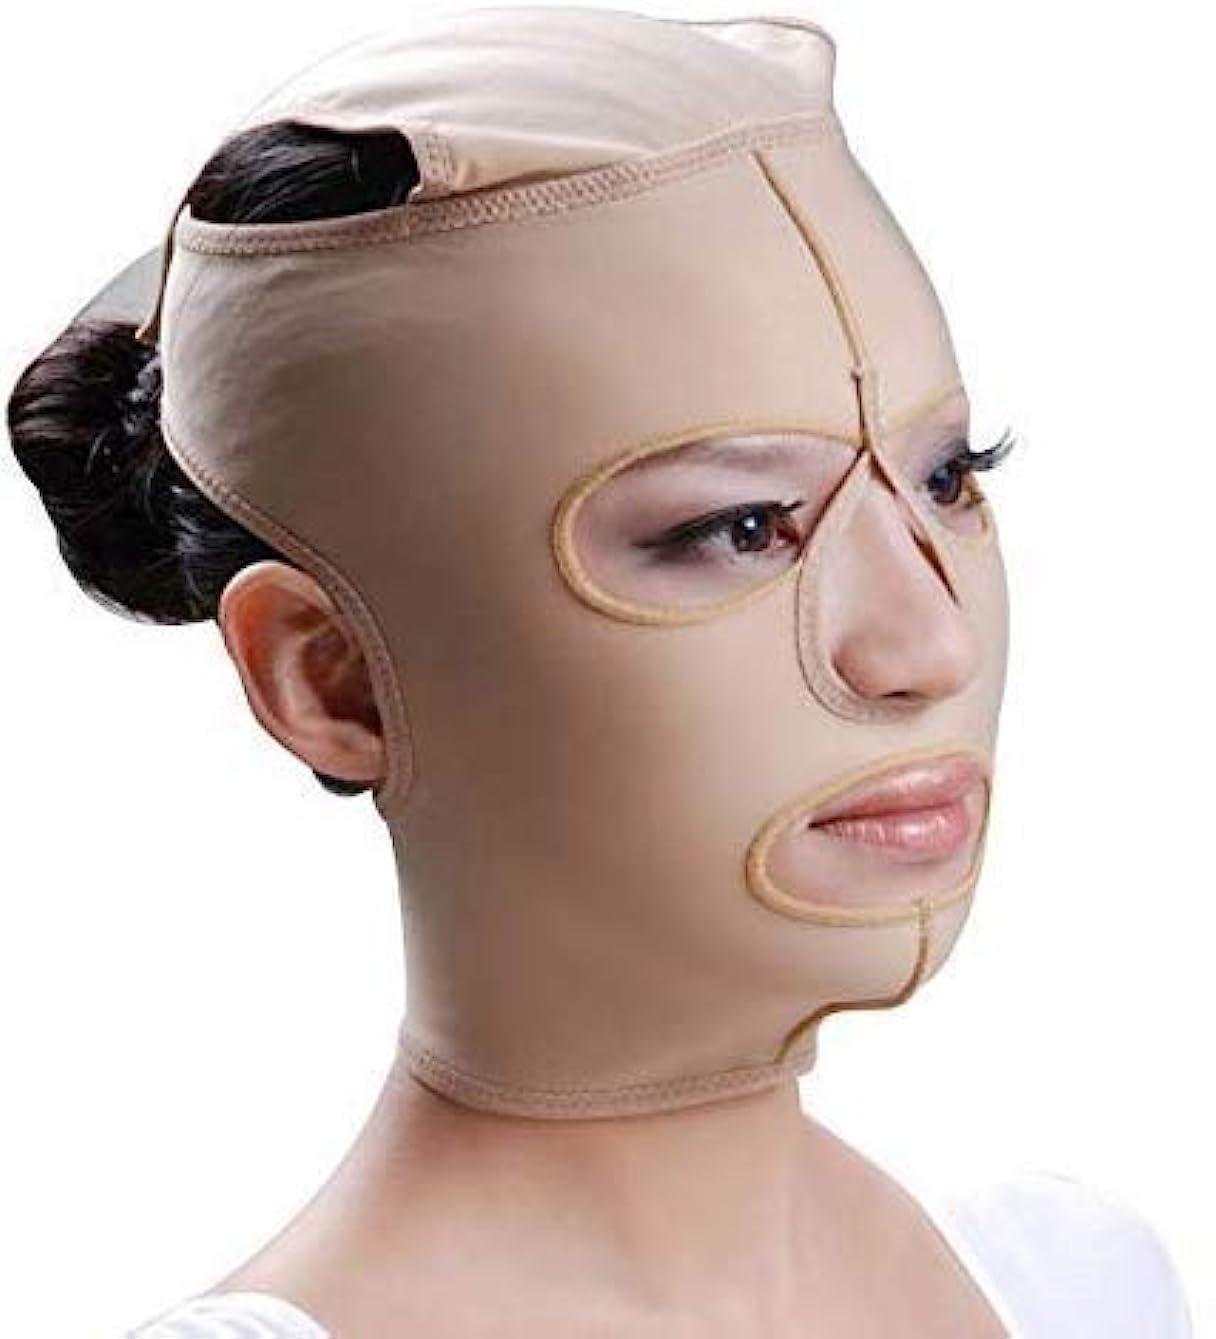 私たちのものブーム対象美容と実用的な引き締めフェイスマスク、フェイシャルマスク弾性フェイスリフティングリフティング引き締めパターンマイクロ仕上げポストモデリングコンプレッションフェイスマスク(サイズ:S)